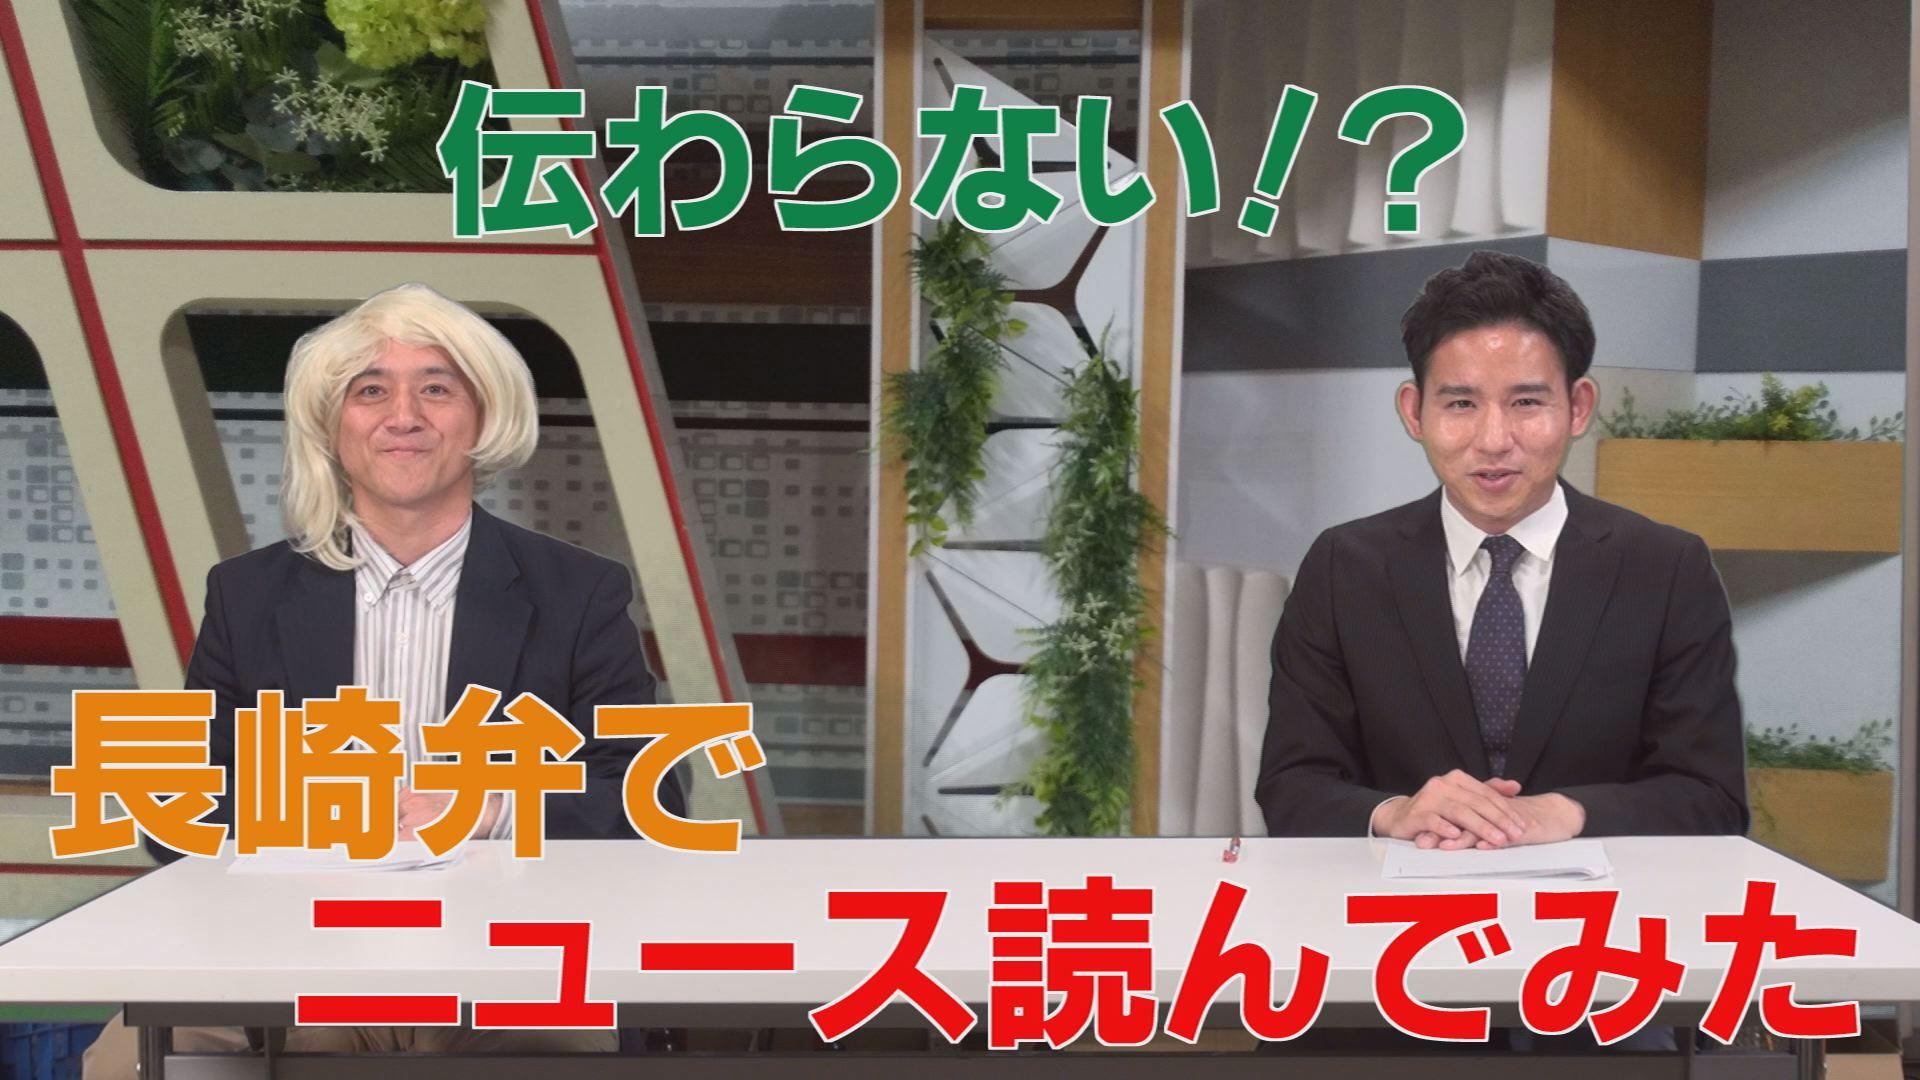 長崎弁講座04